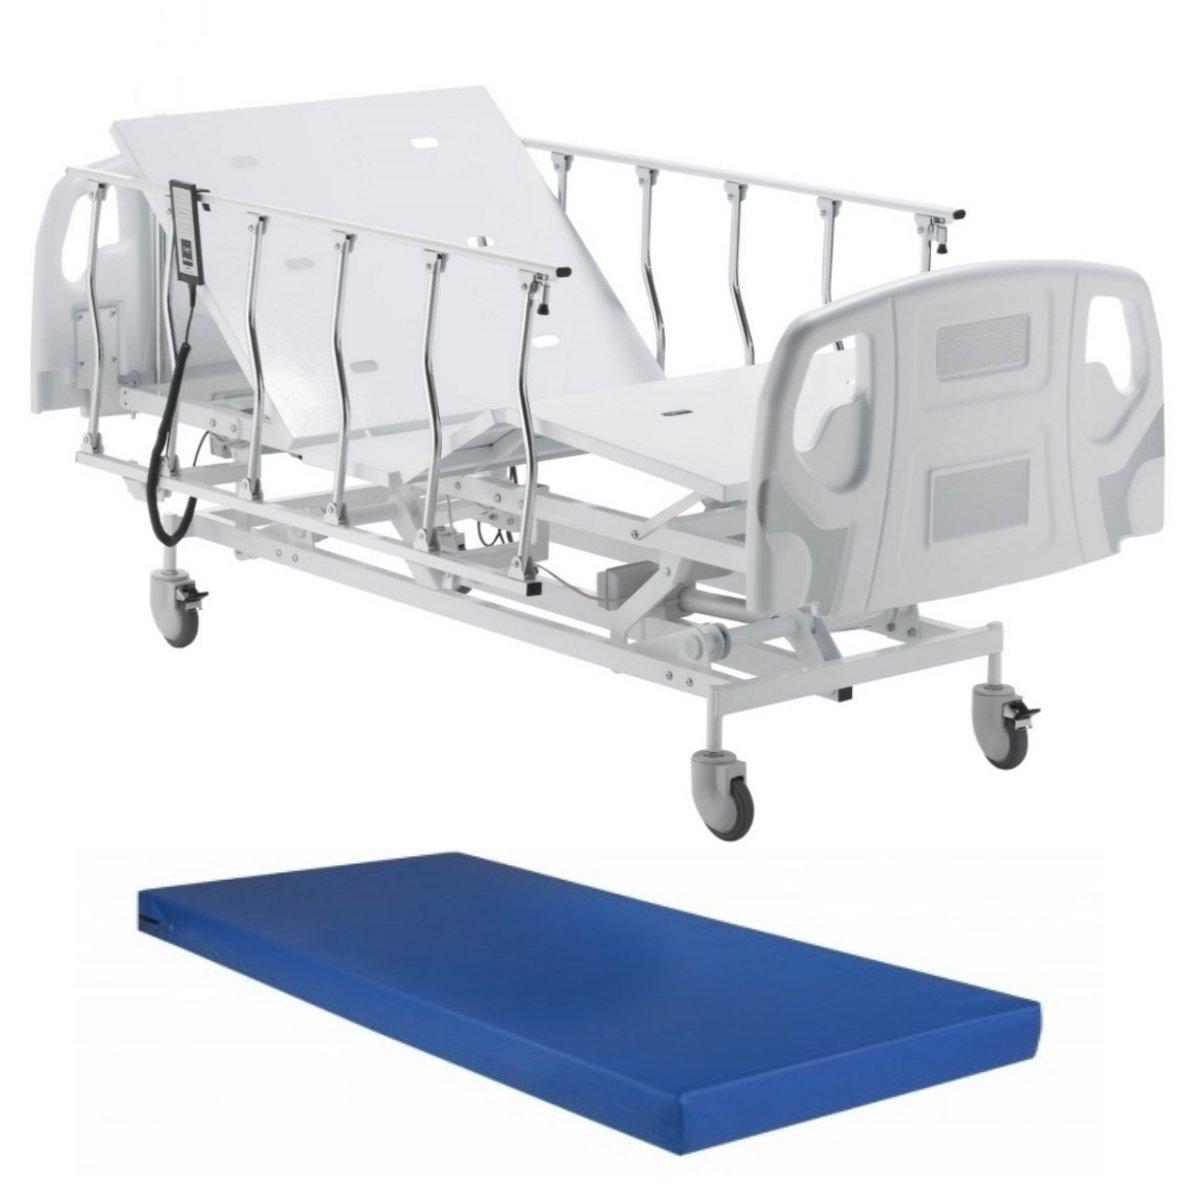 Cama Hospitalar Motorizada Elevação Do Leito Com Colchão E Grades Retráteis